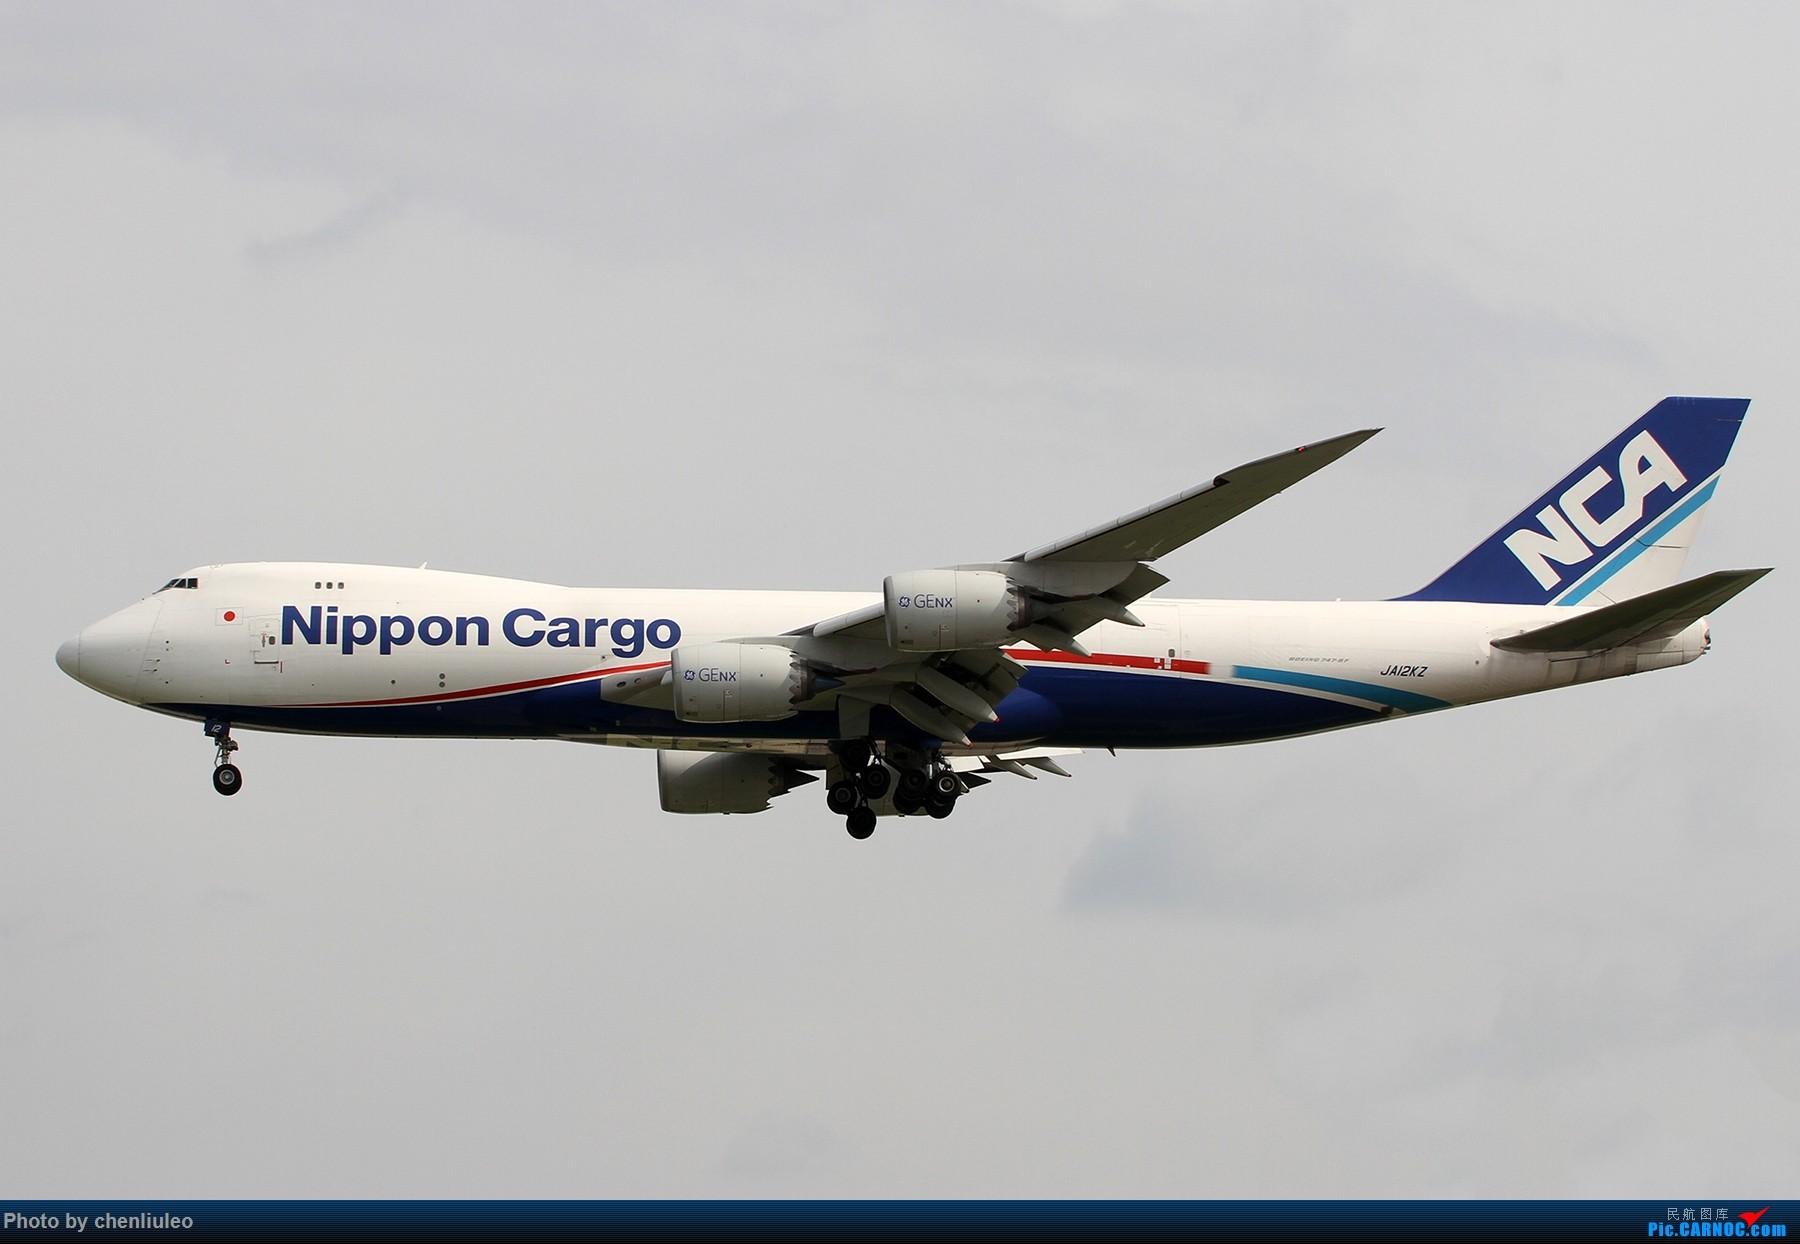 [原创]【北美飞友会】芝加哥奥黑尔机场首拍 BOEING 747-8F JA12KZ 美国芝加哥奥黑尔国际机场